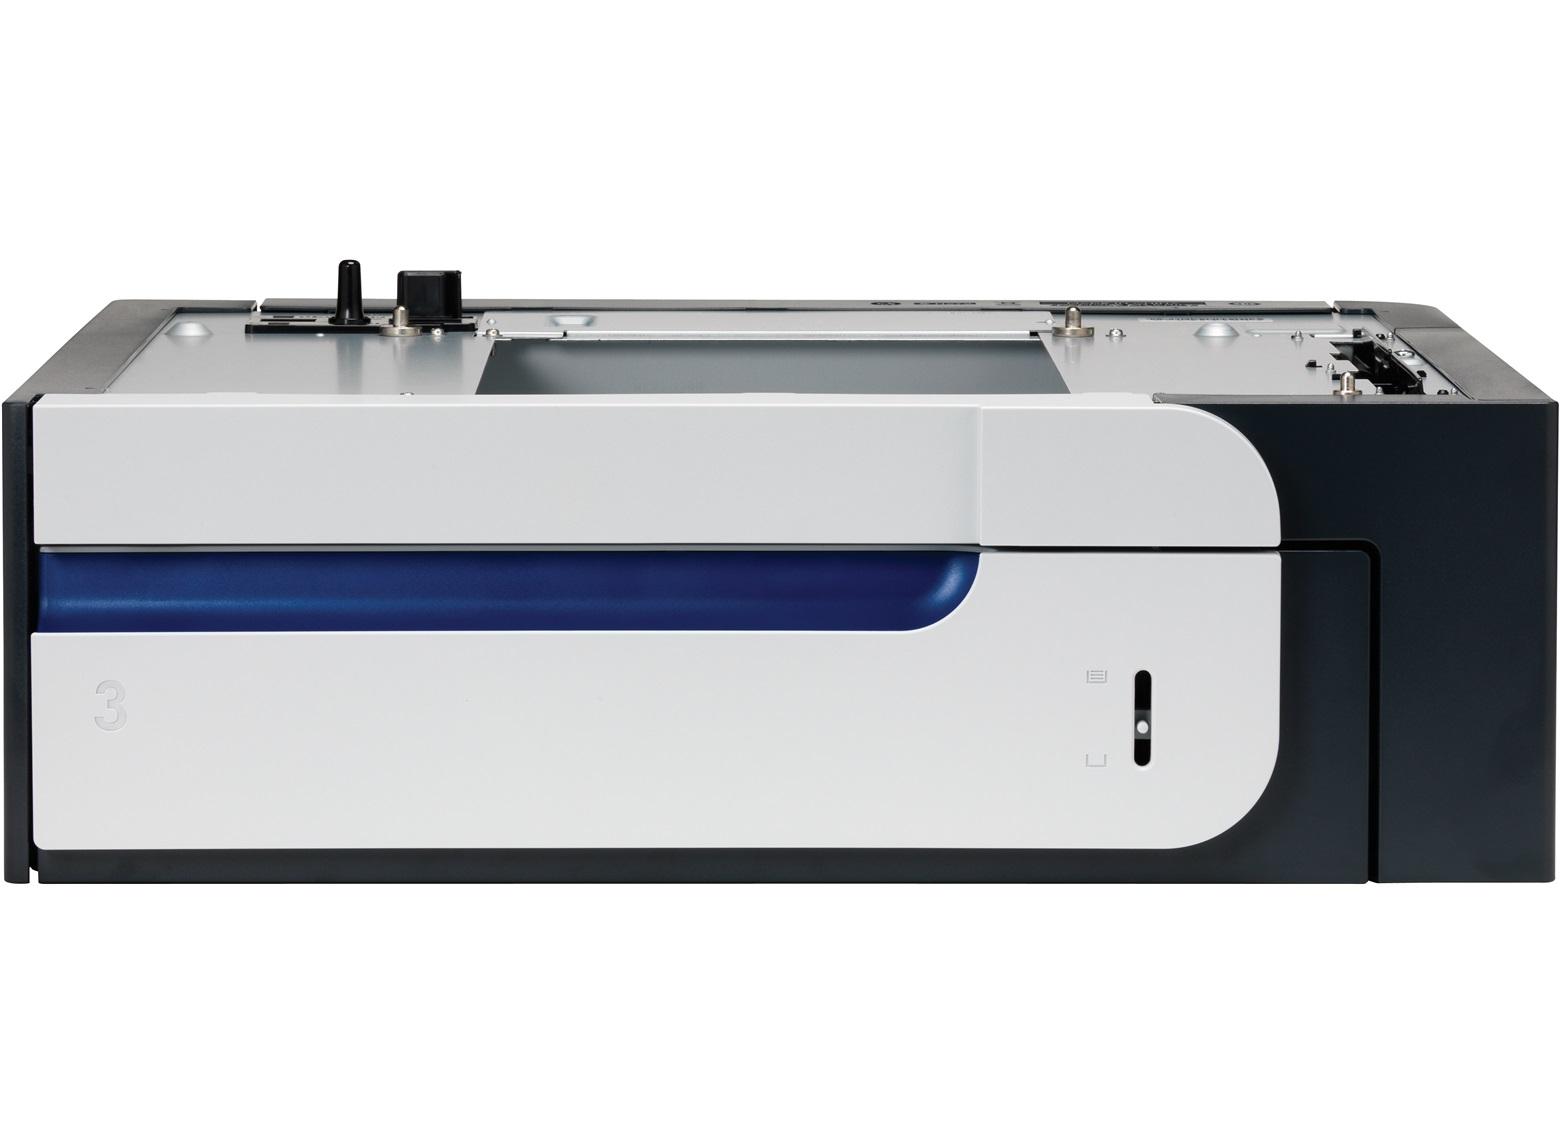 HP LaserJet 500 B5L34A